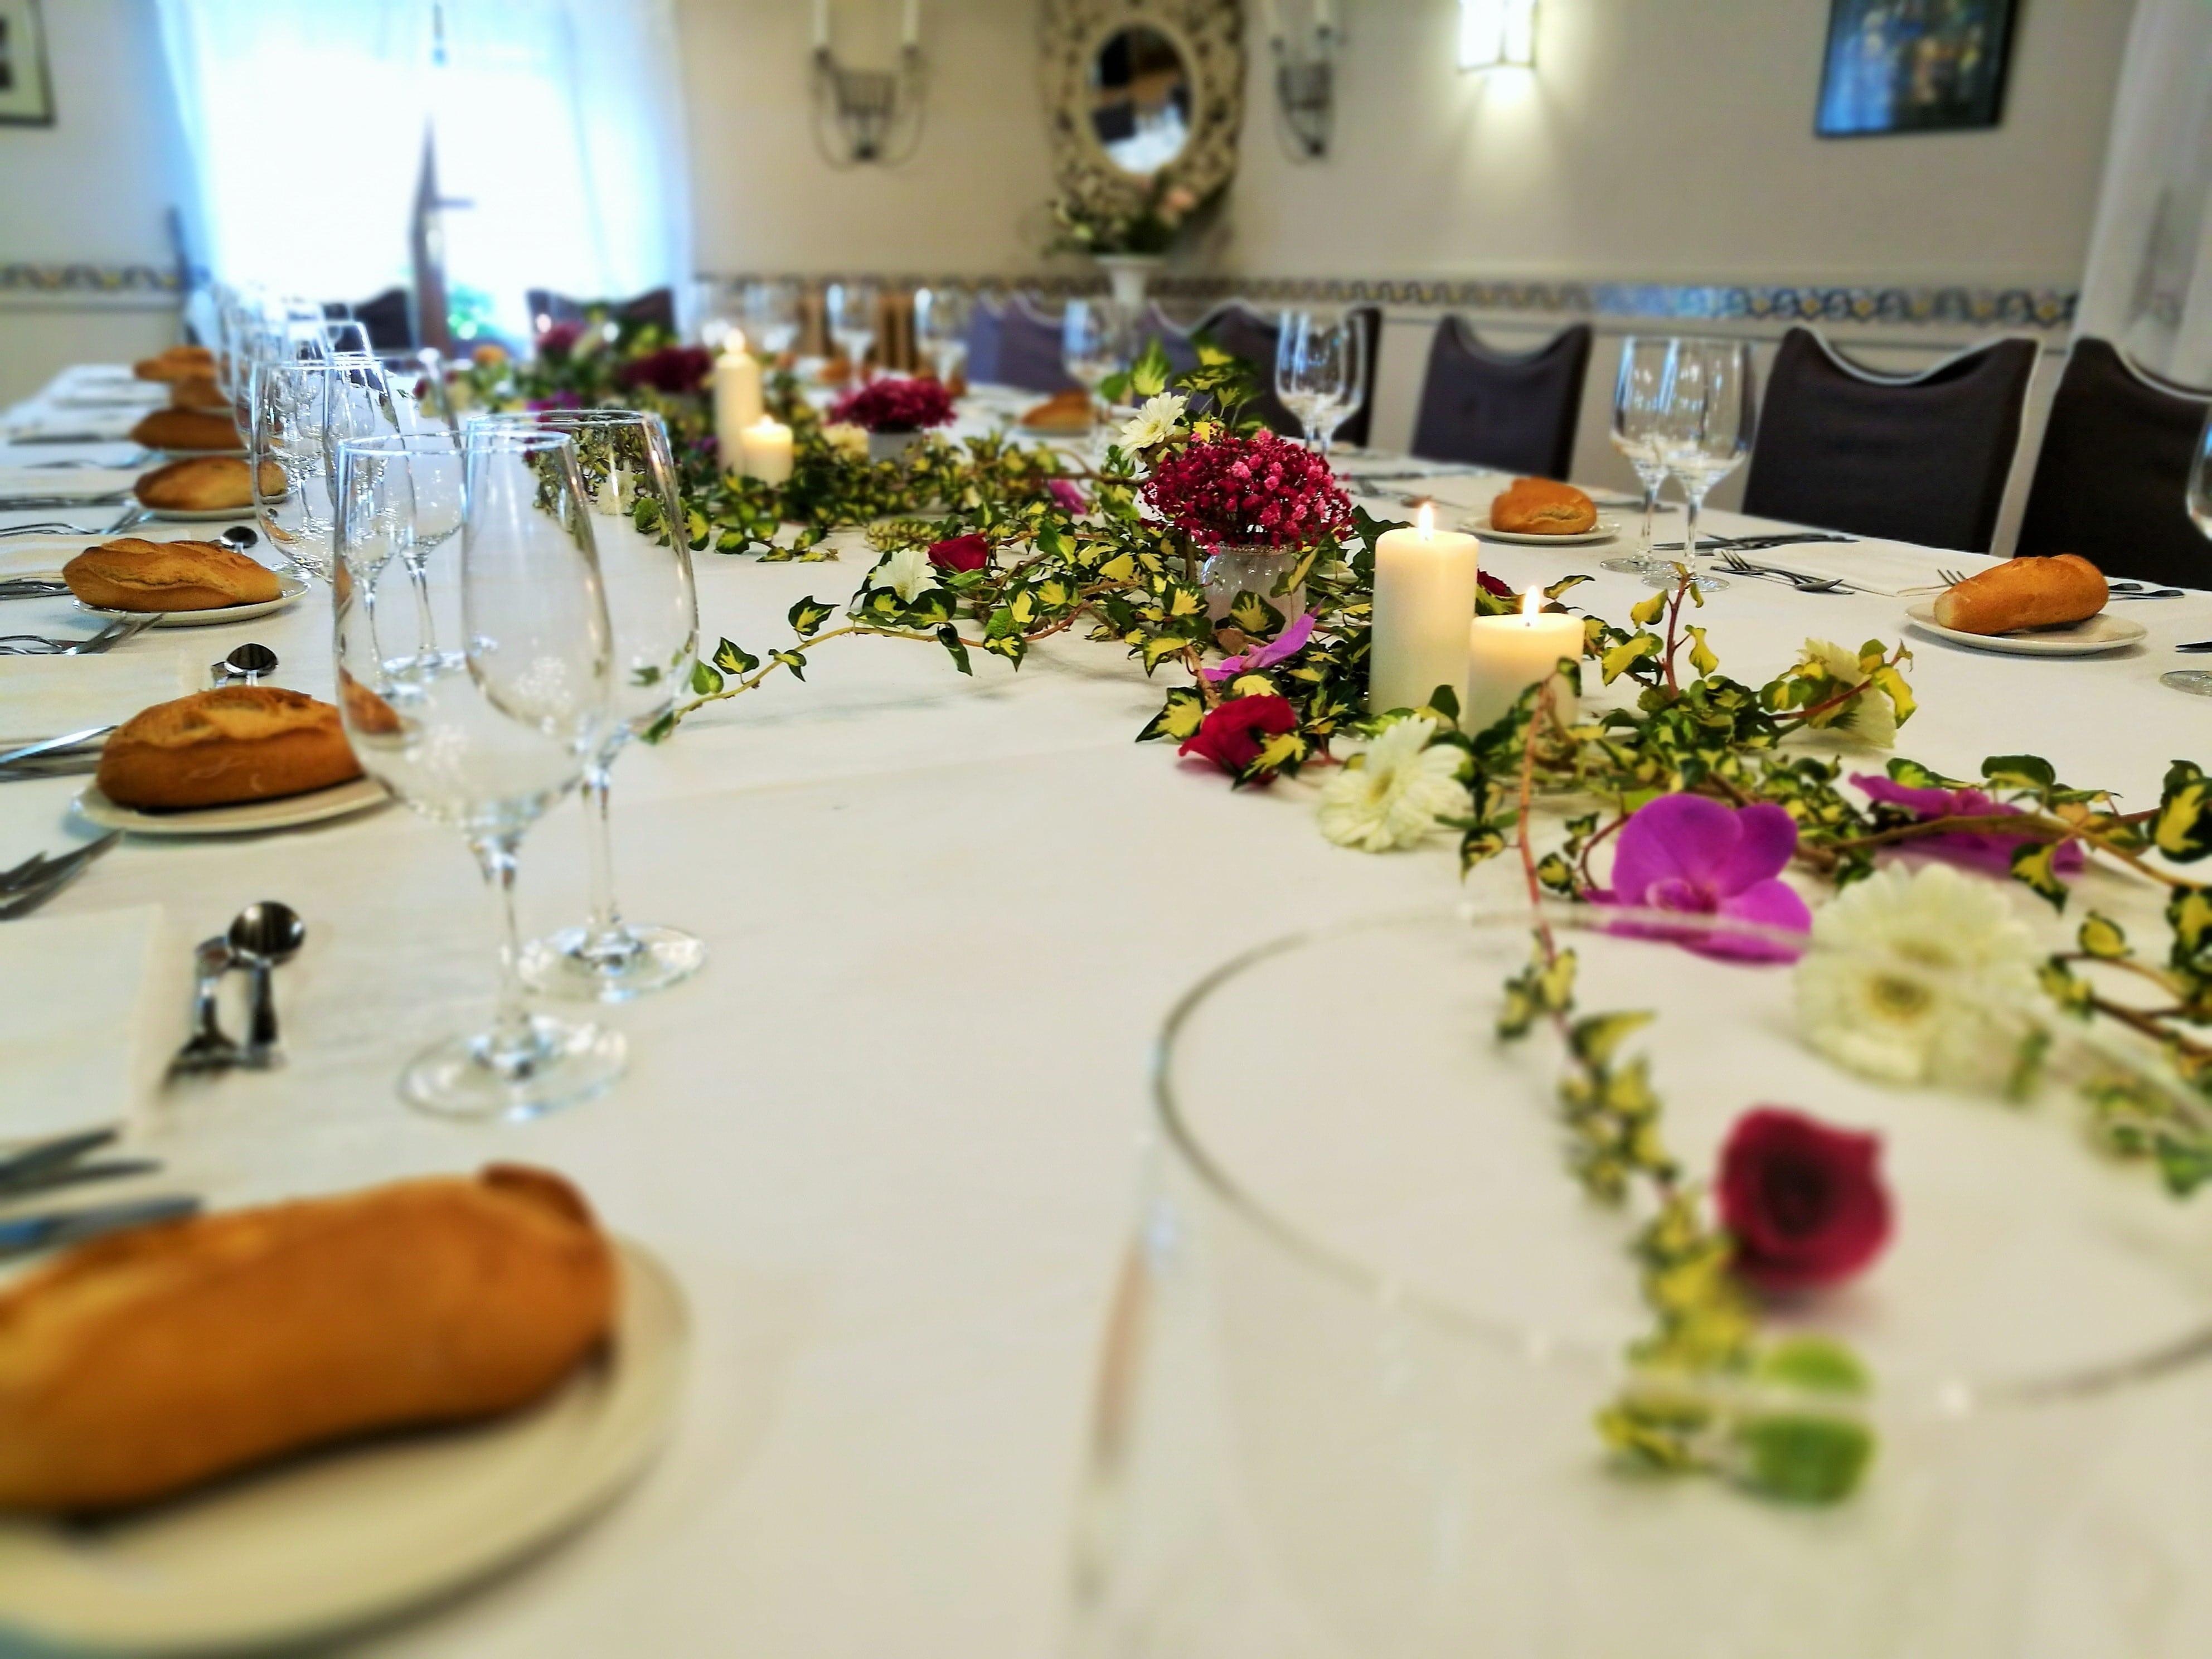 restaurante_bideko-historia-cocina_tradicional_vasca-restaurantes_vizcaya-restaurantes_alava-comer_en_euskadi-bideko-amurrio-lezama (12)